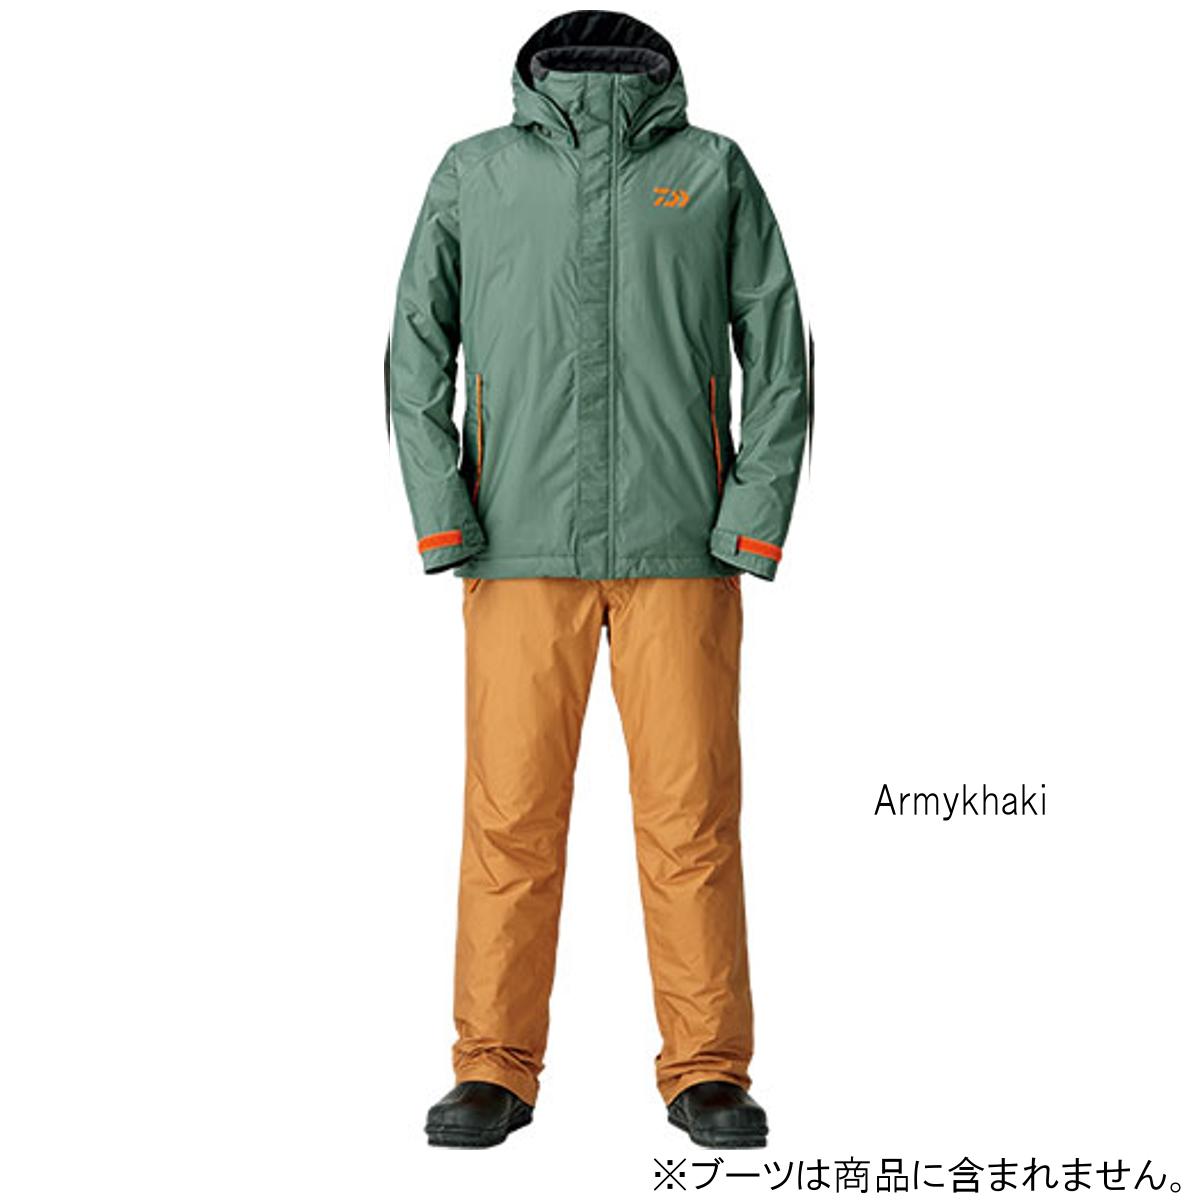 ダイワ レインマックス ウィンタースーツ DW-35008 L Armykhaki(東日本店)